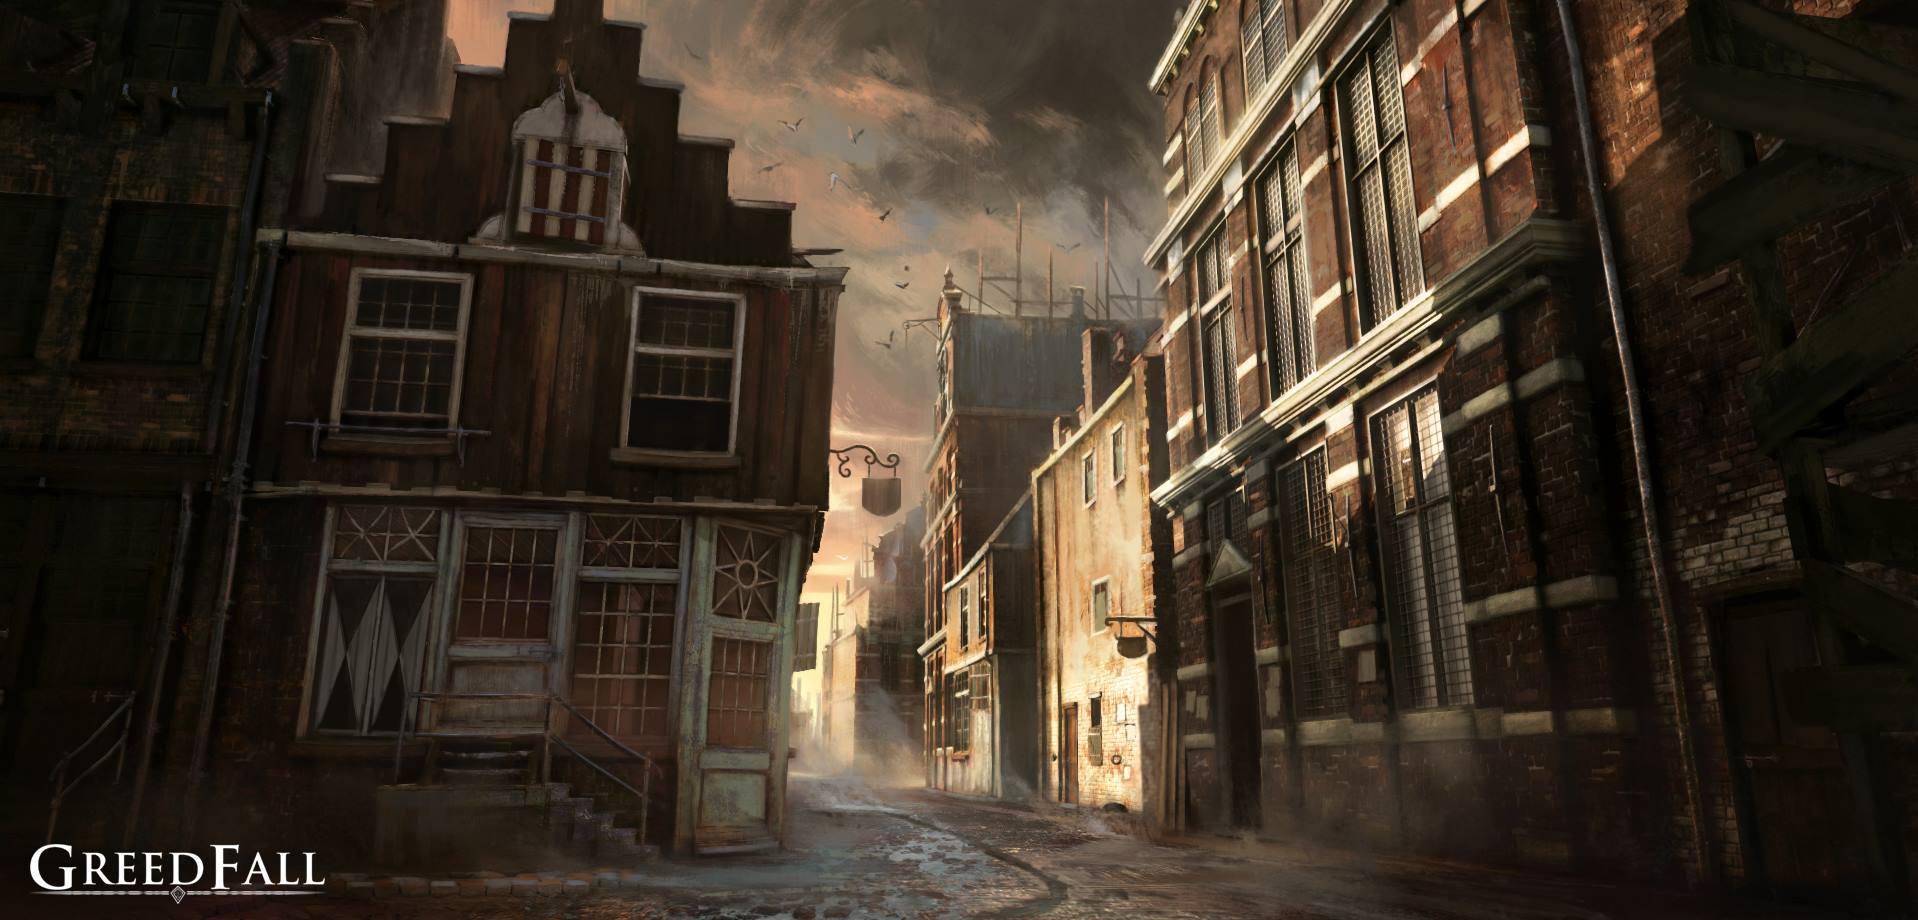 Klimat jak z Assassin's Creed 3, prawda?